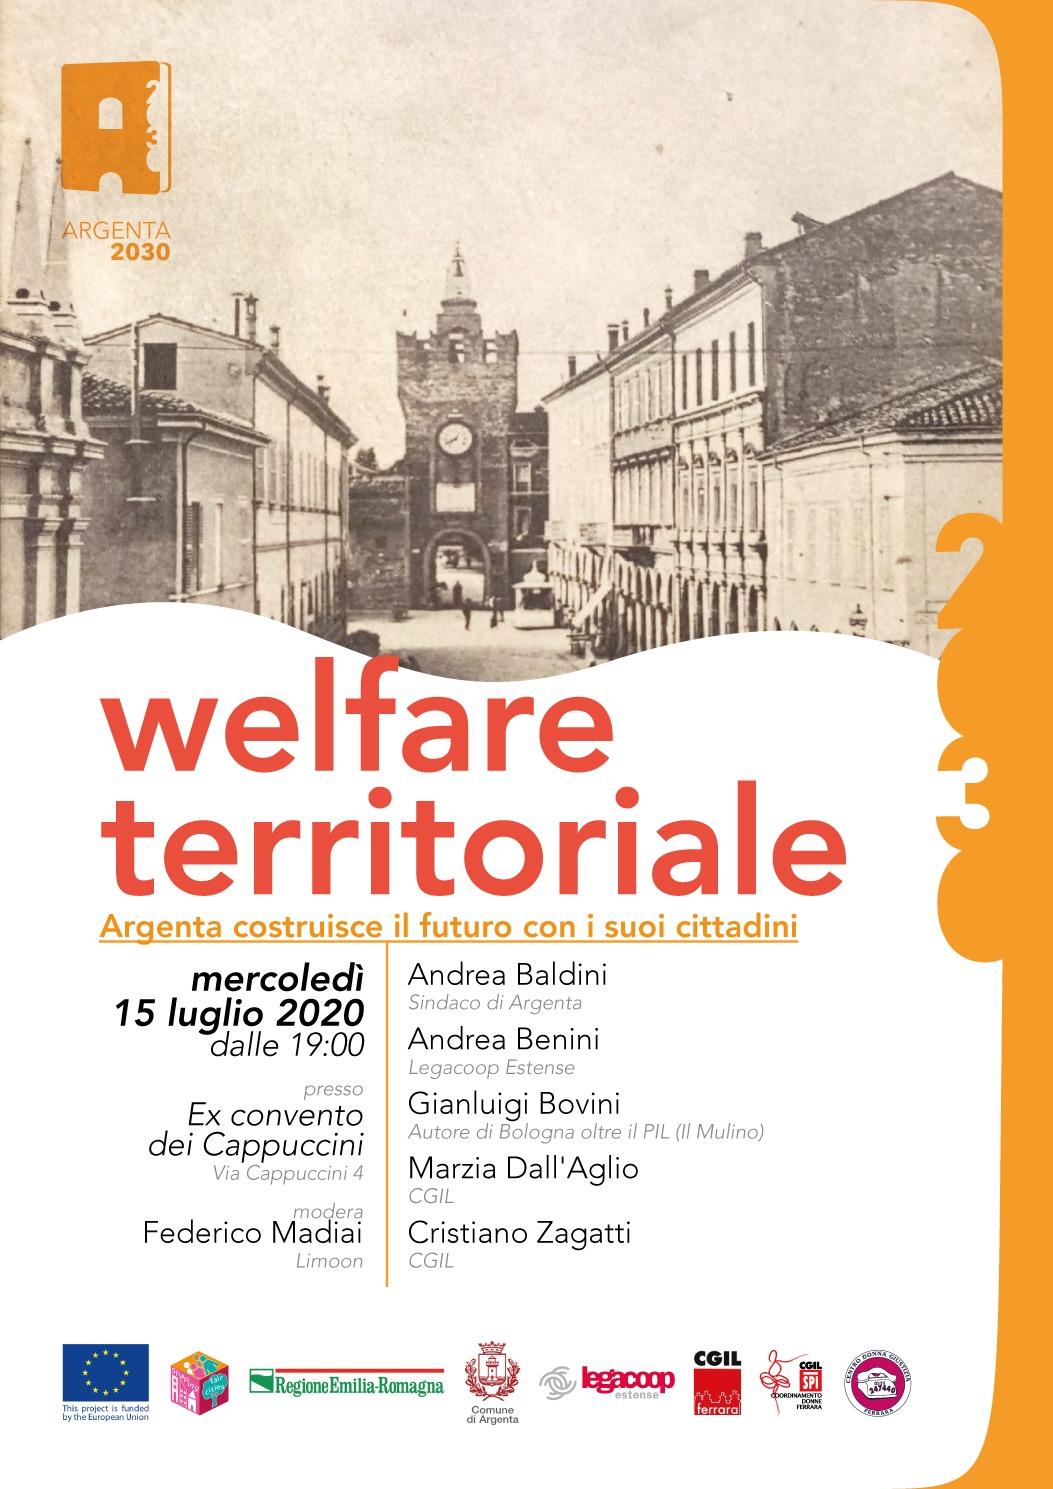 Welfare territoriale: iniziativa mercoledì 15 luglio ad Argenta